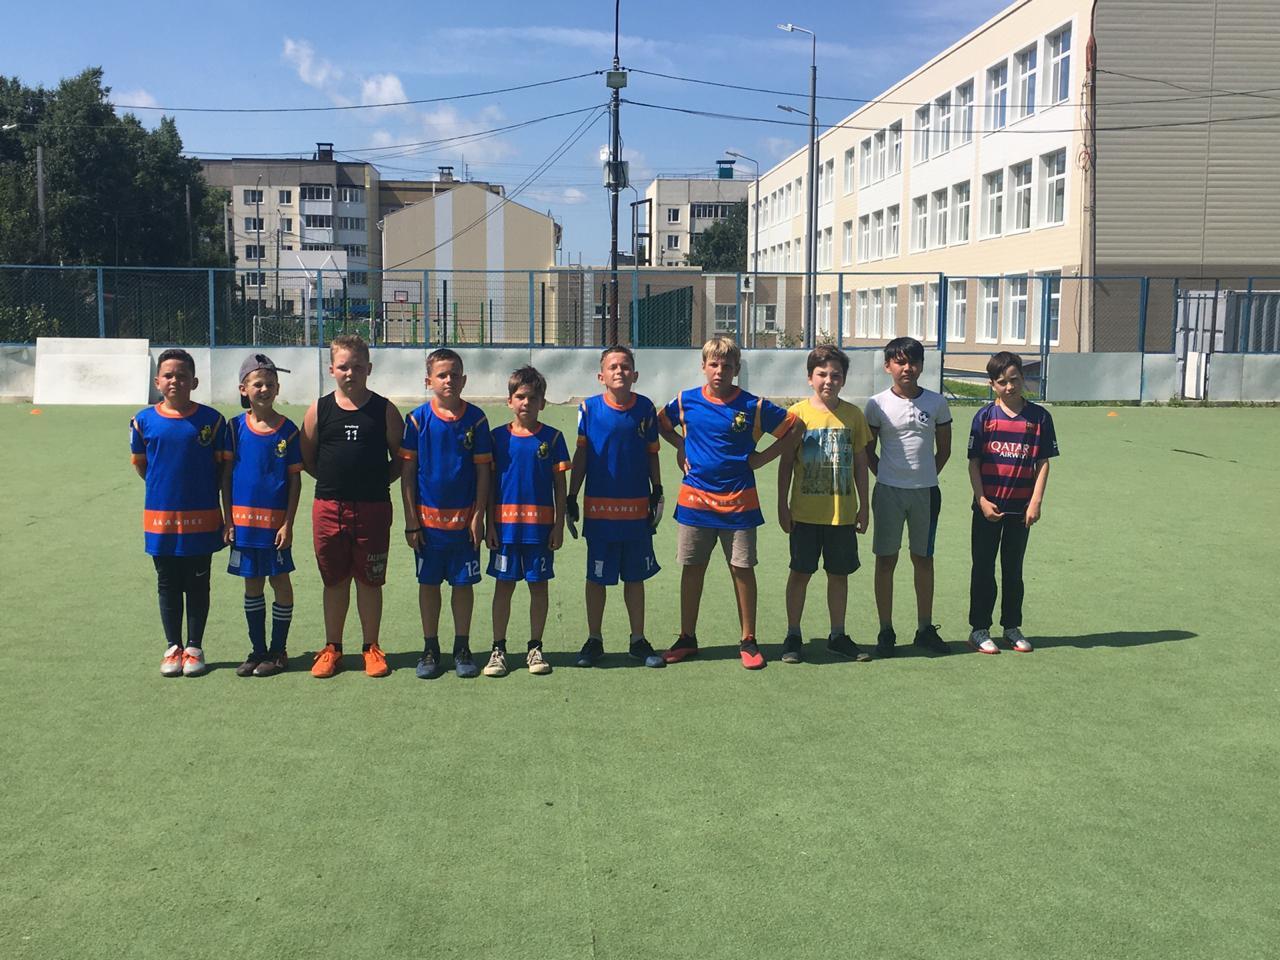 Футболисты из Дальнего: от дворовой команды до чемпионов